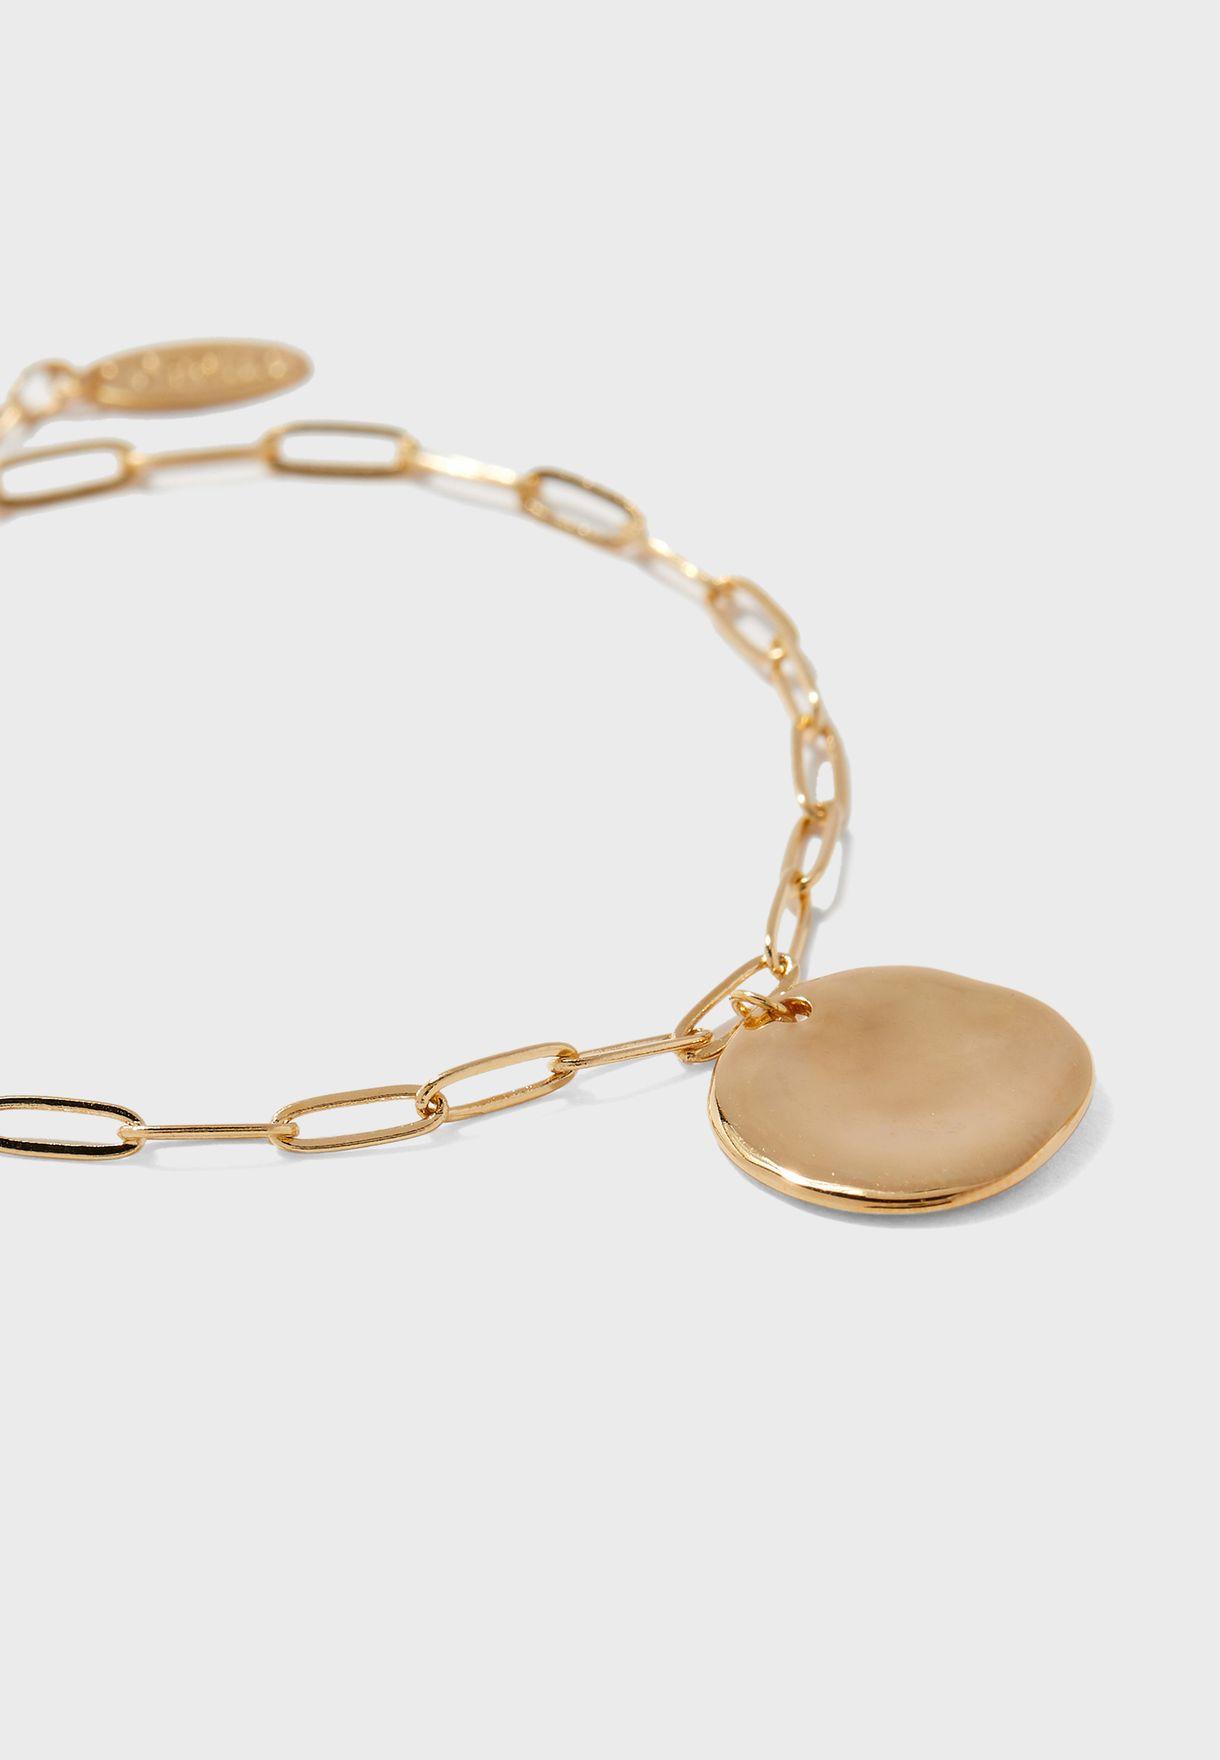 Coin & Chunky Chain Bracelet